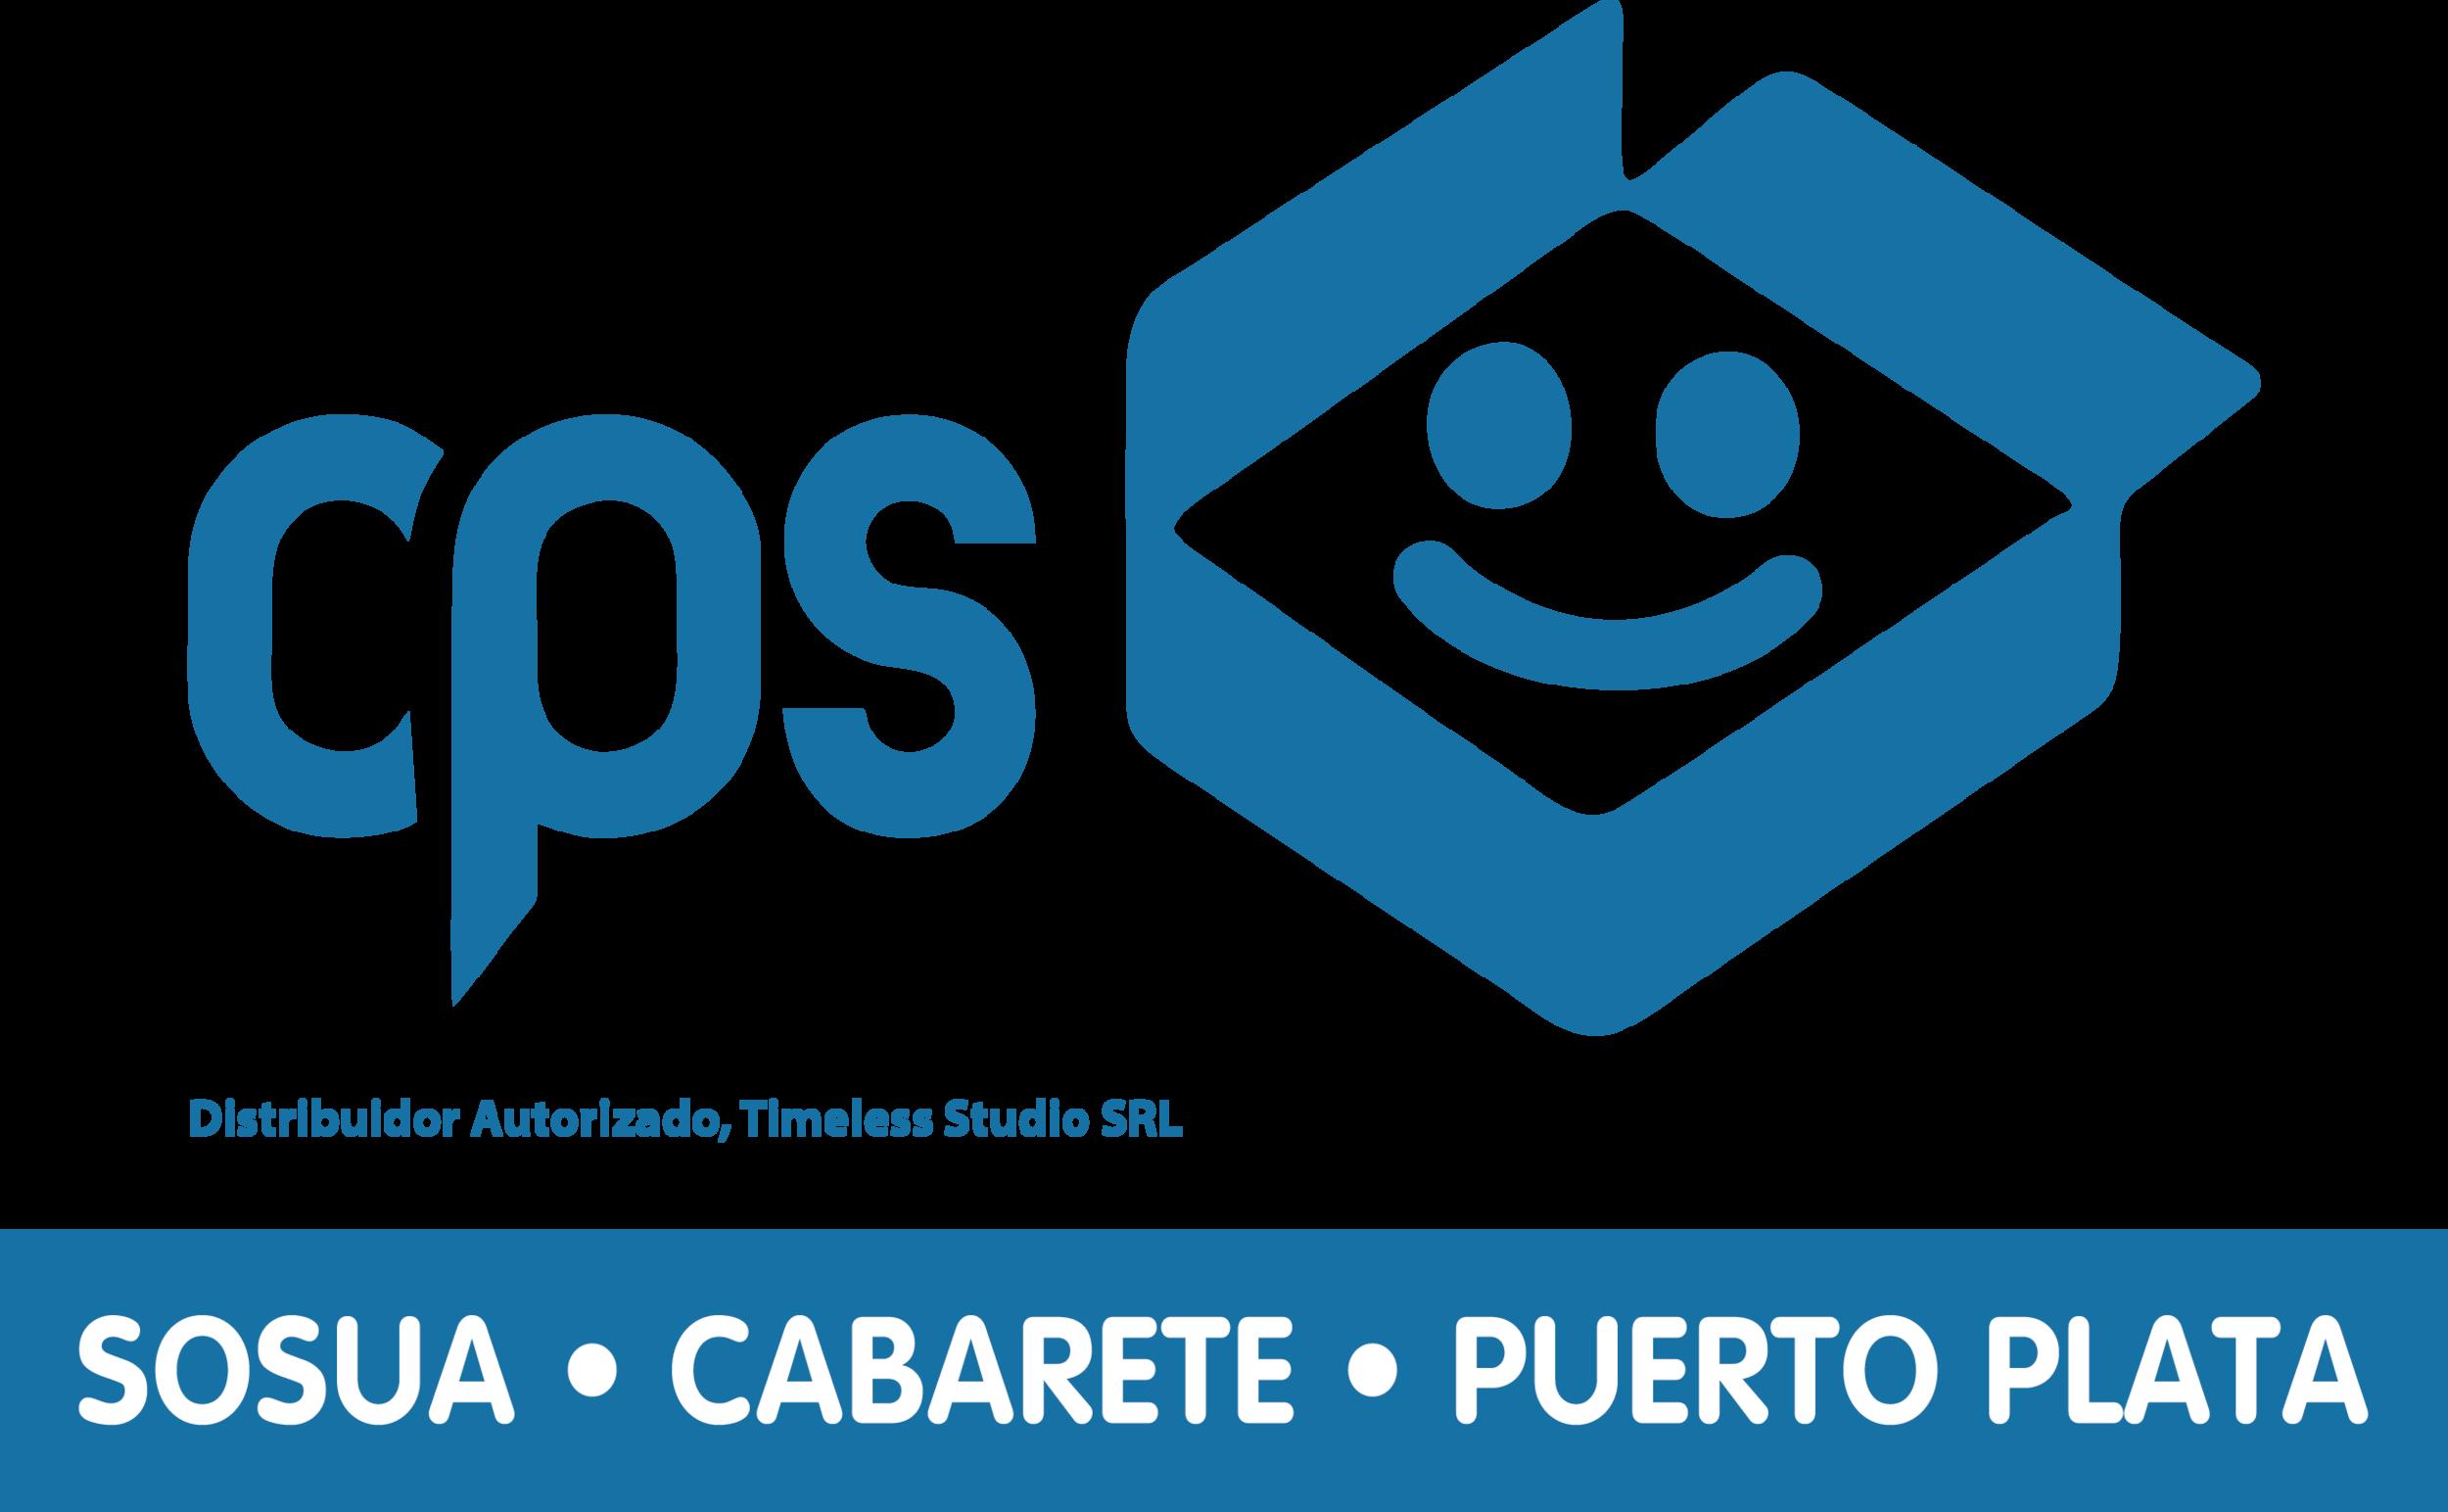 CPS_Sosua-Cabarete-POP-logo.png